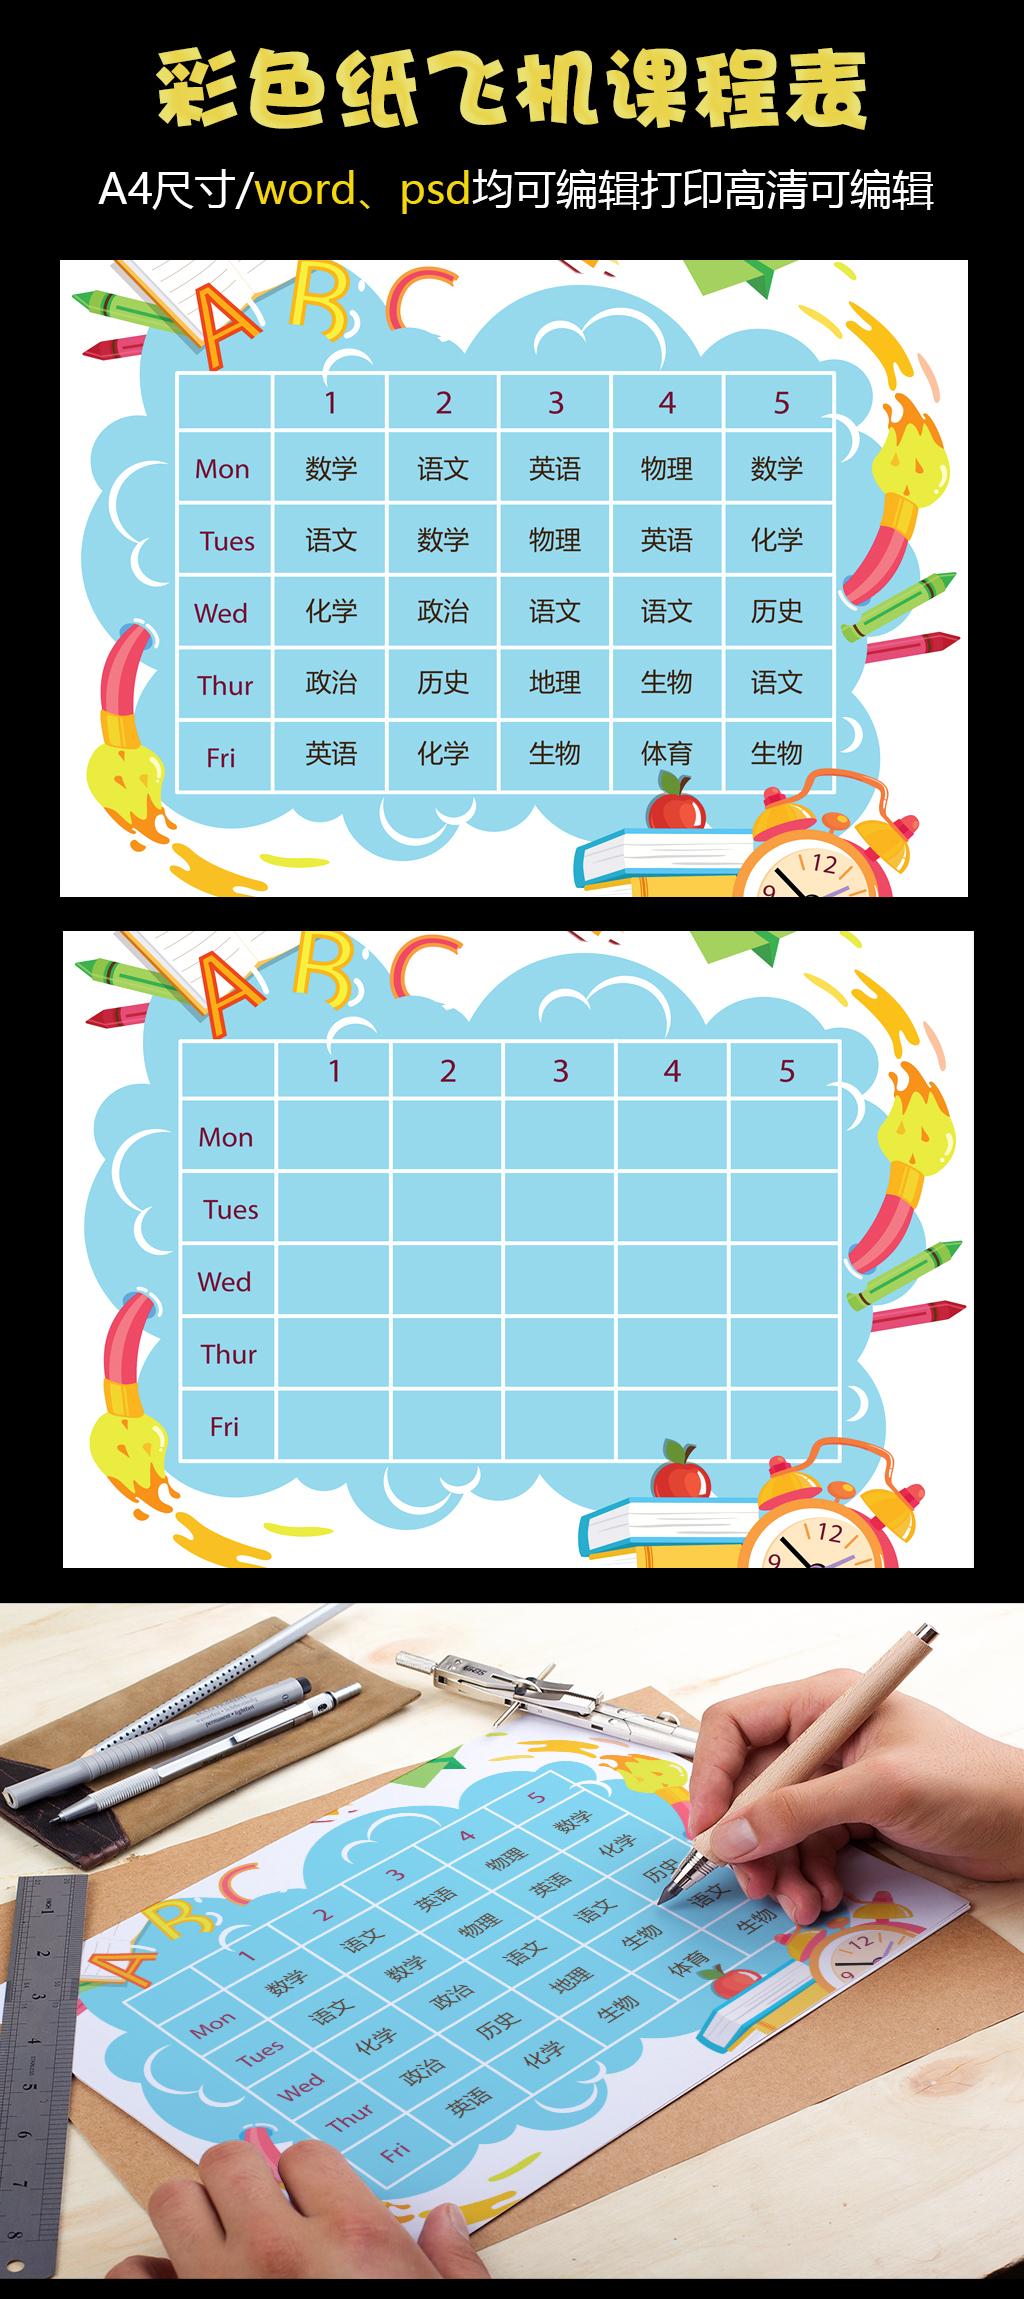 卡通彩色纸飞机课程表图片设计素材_高清psd模板下载